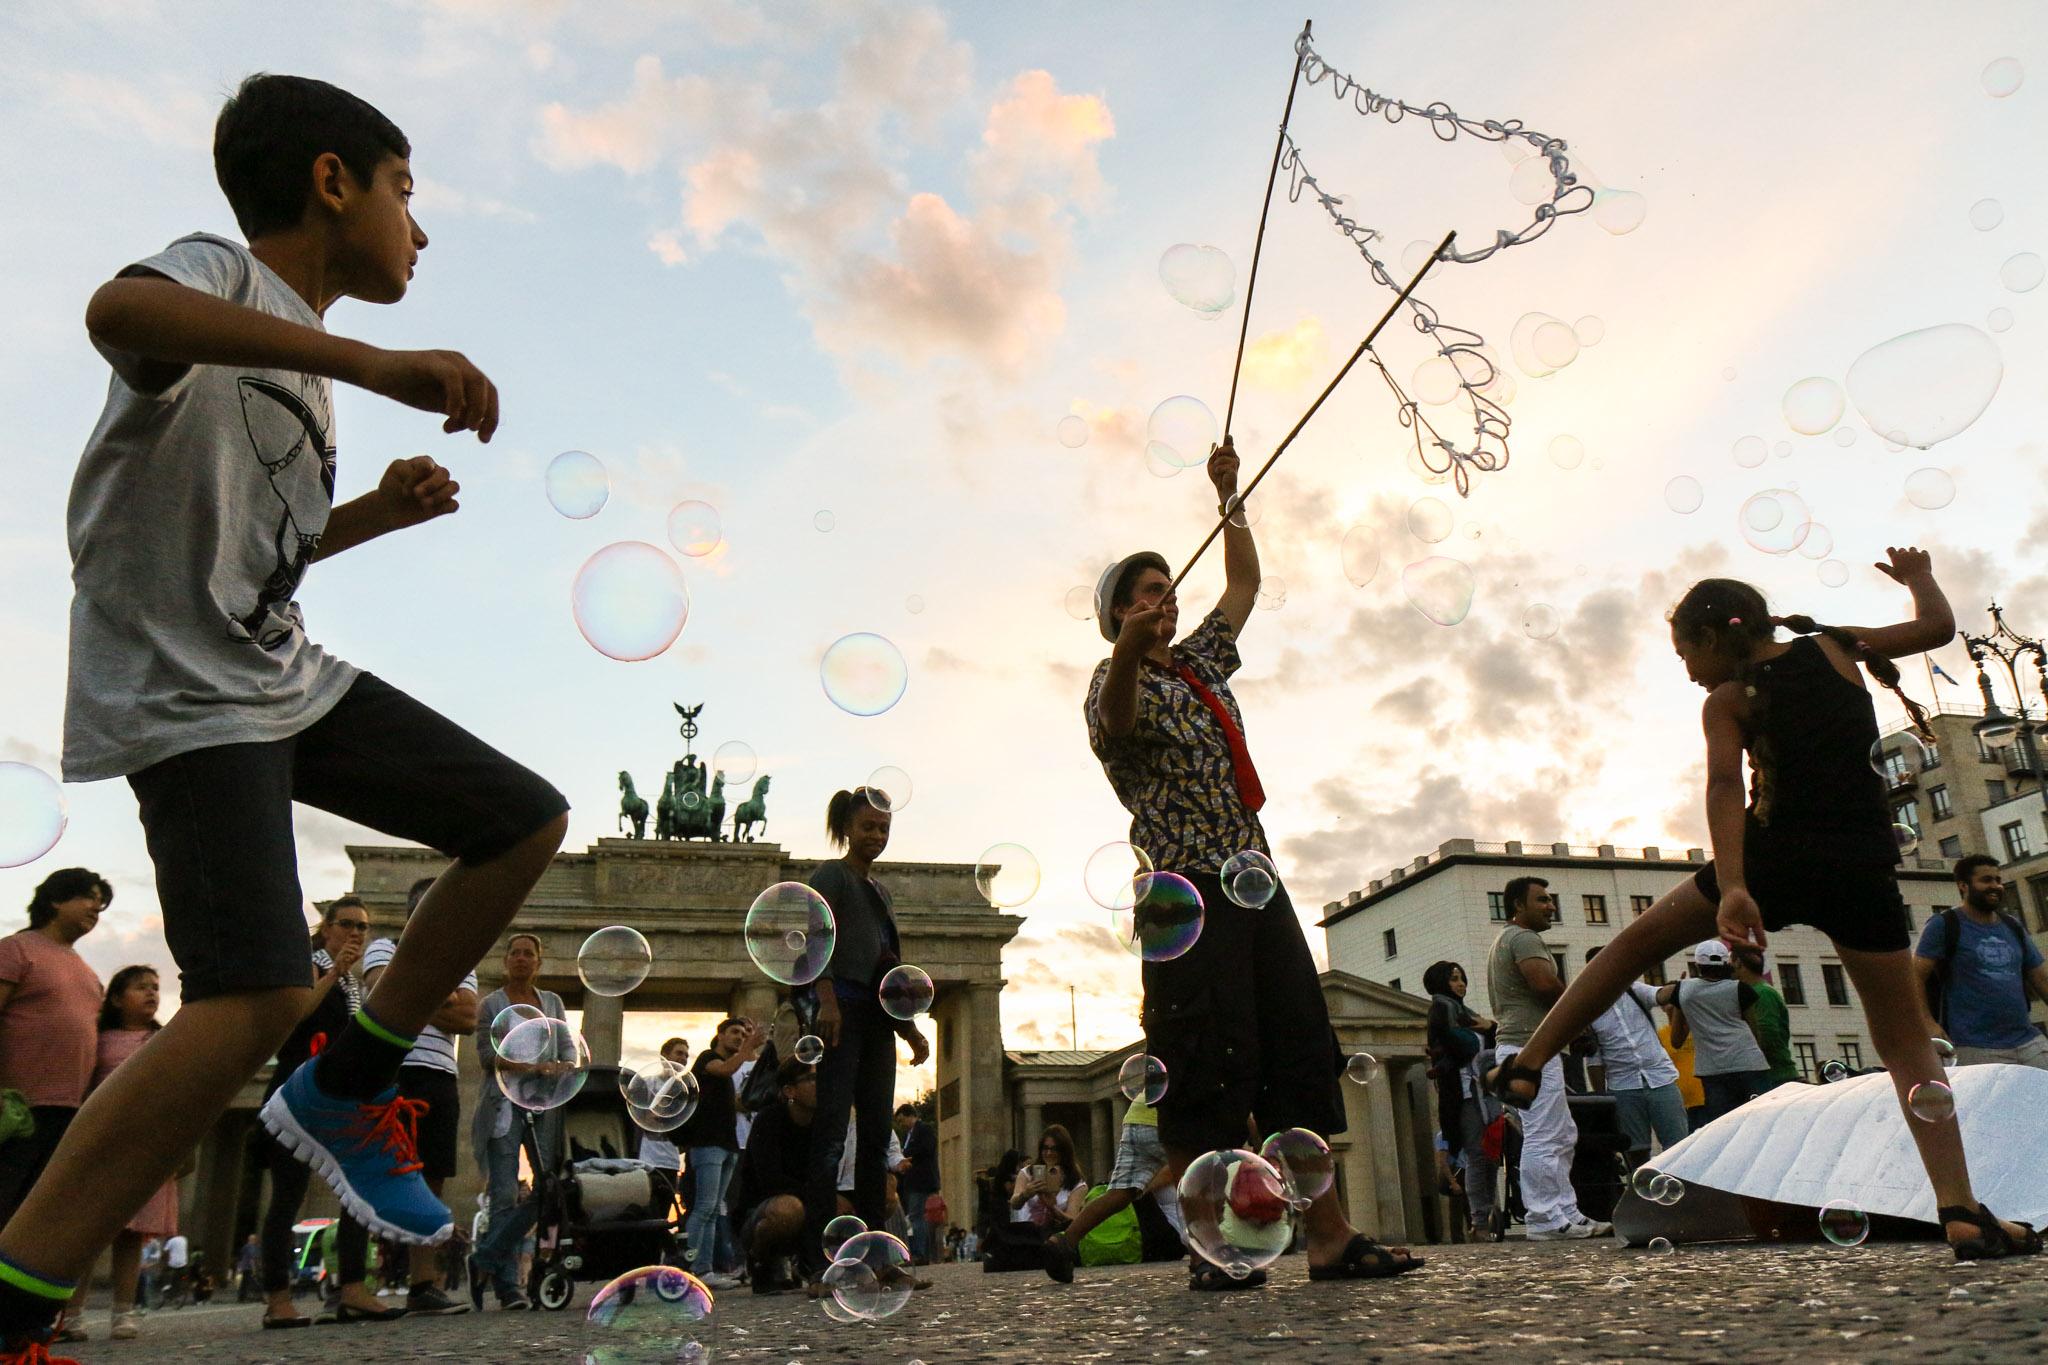 Des enfants jouent avec des bulles de savon à Berlin en juillet 2017.